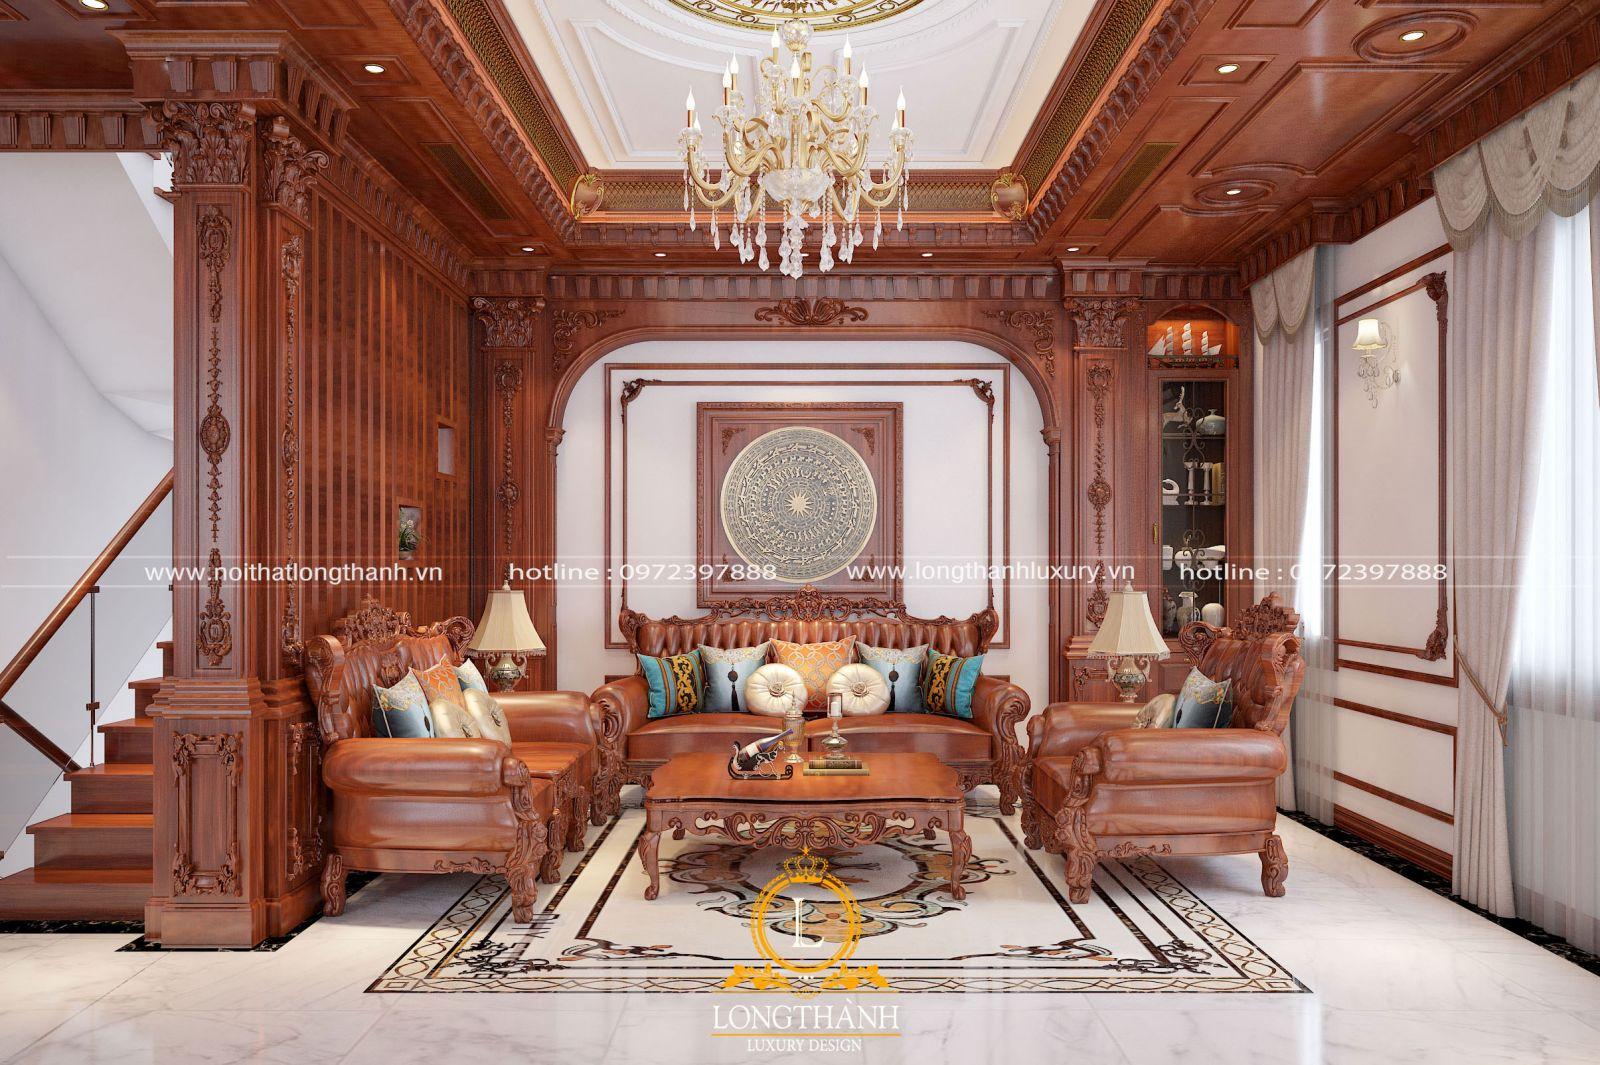 Lựa chọn màu sắc sofa đồng nhất với không gian chung